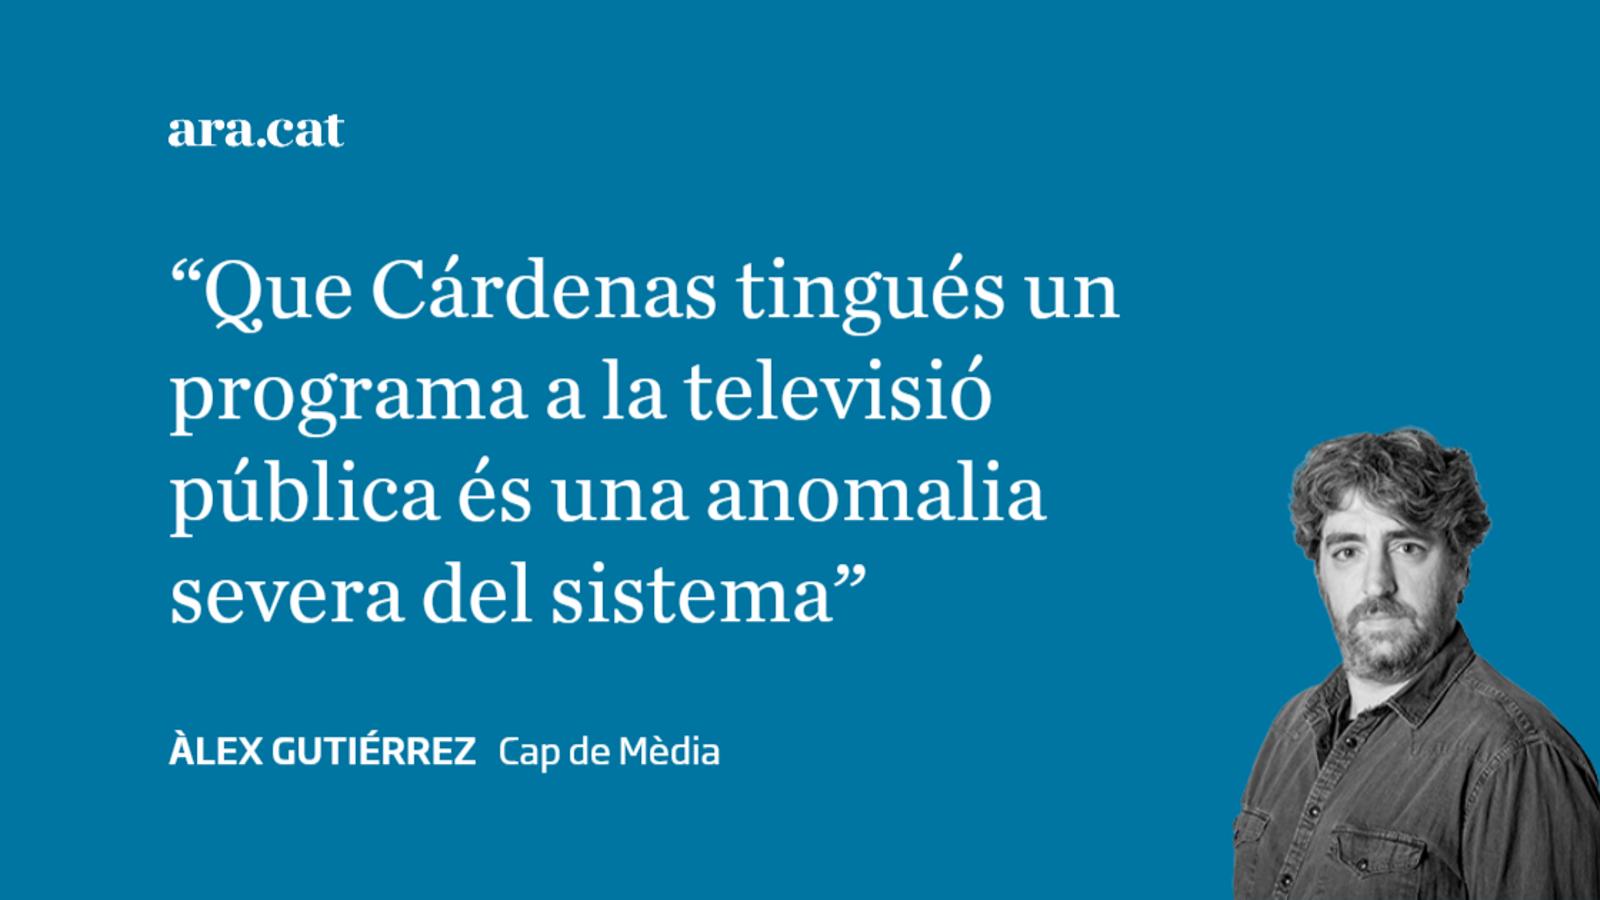 Cárdenas convertit en un personatge de Cárdenas